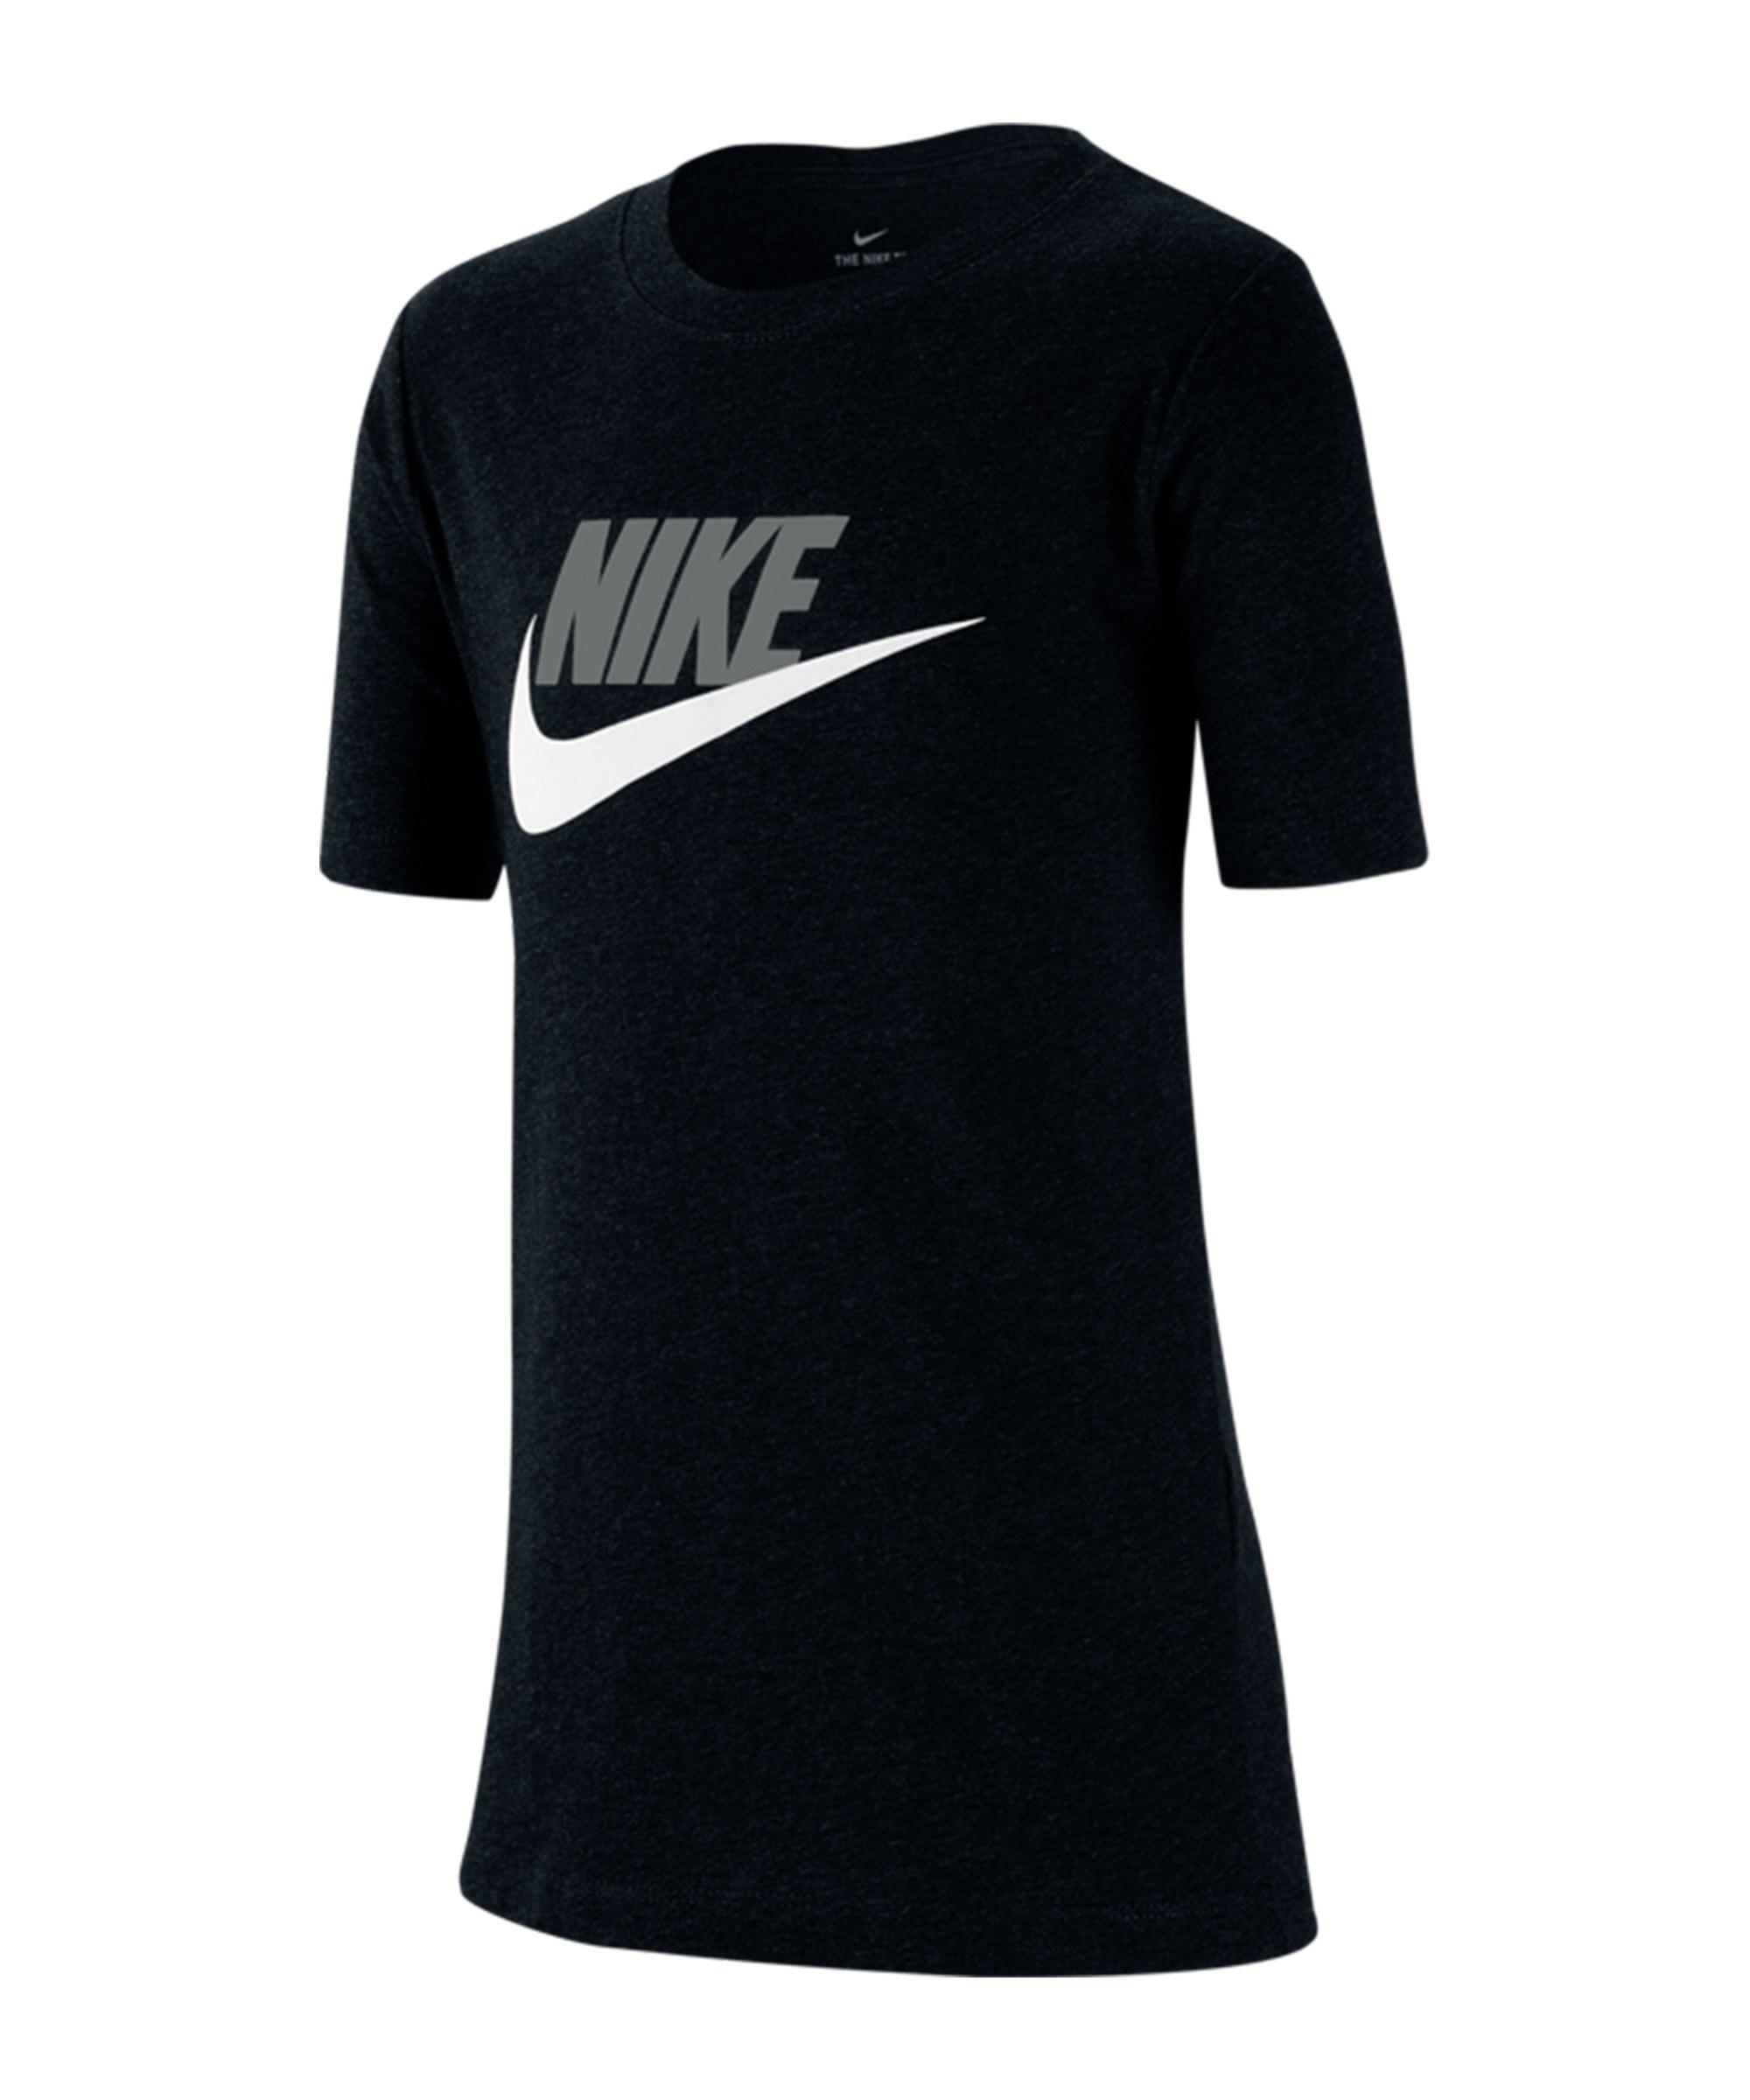 Nike T-Shirt Kids Schwarz F013 - schwarz